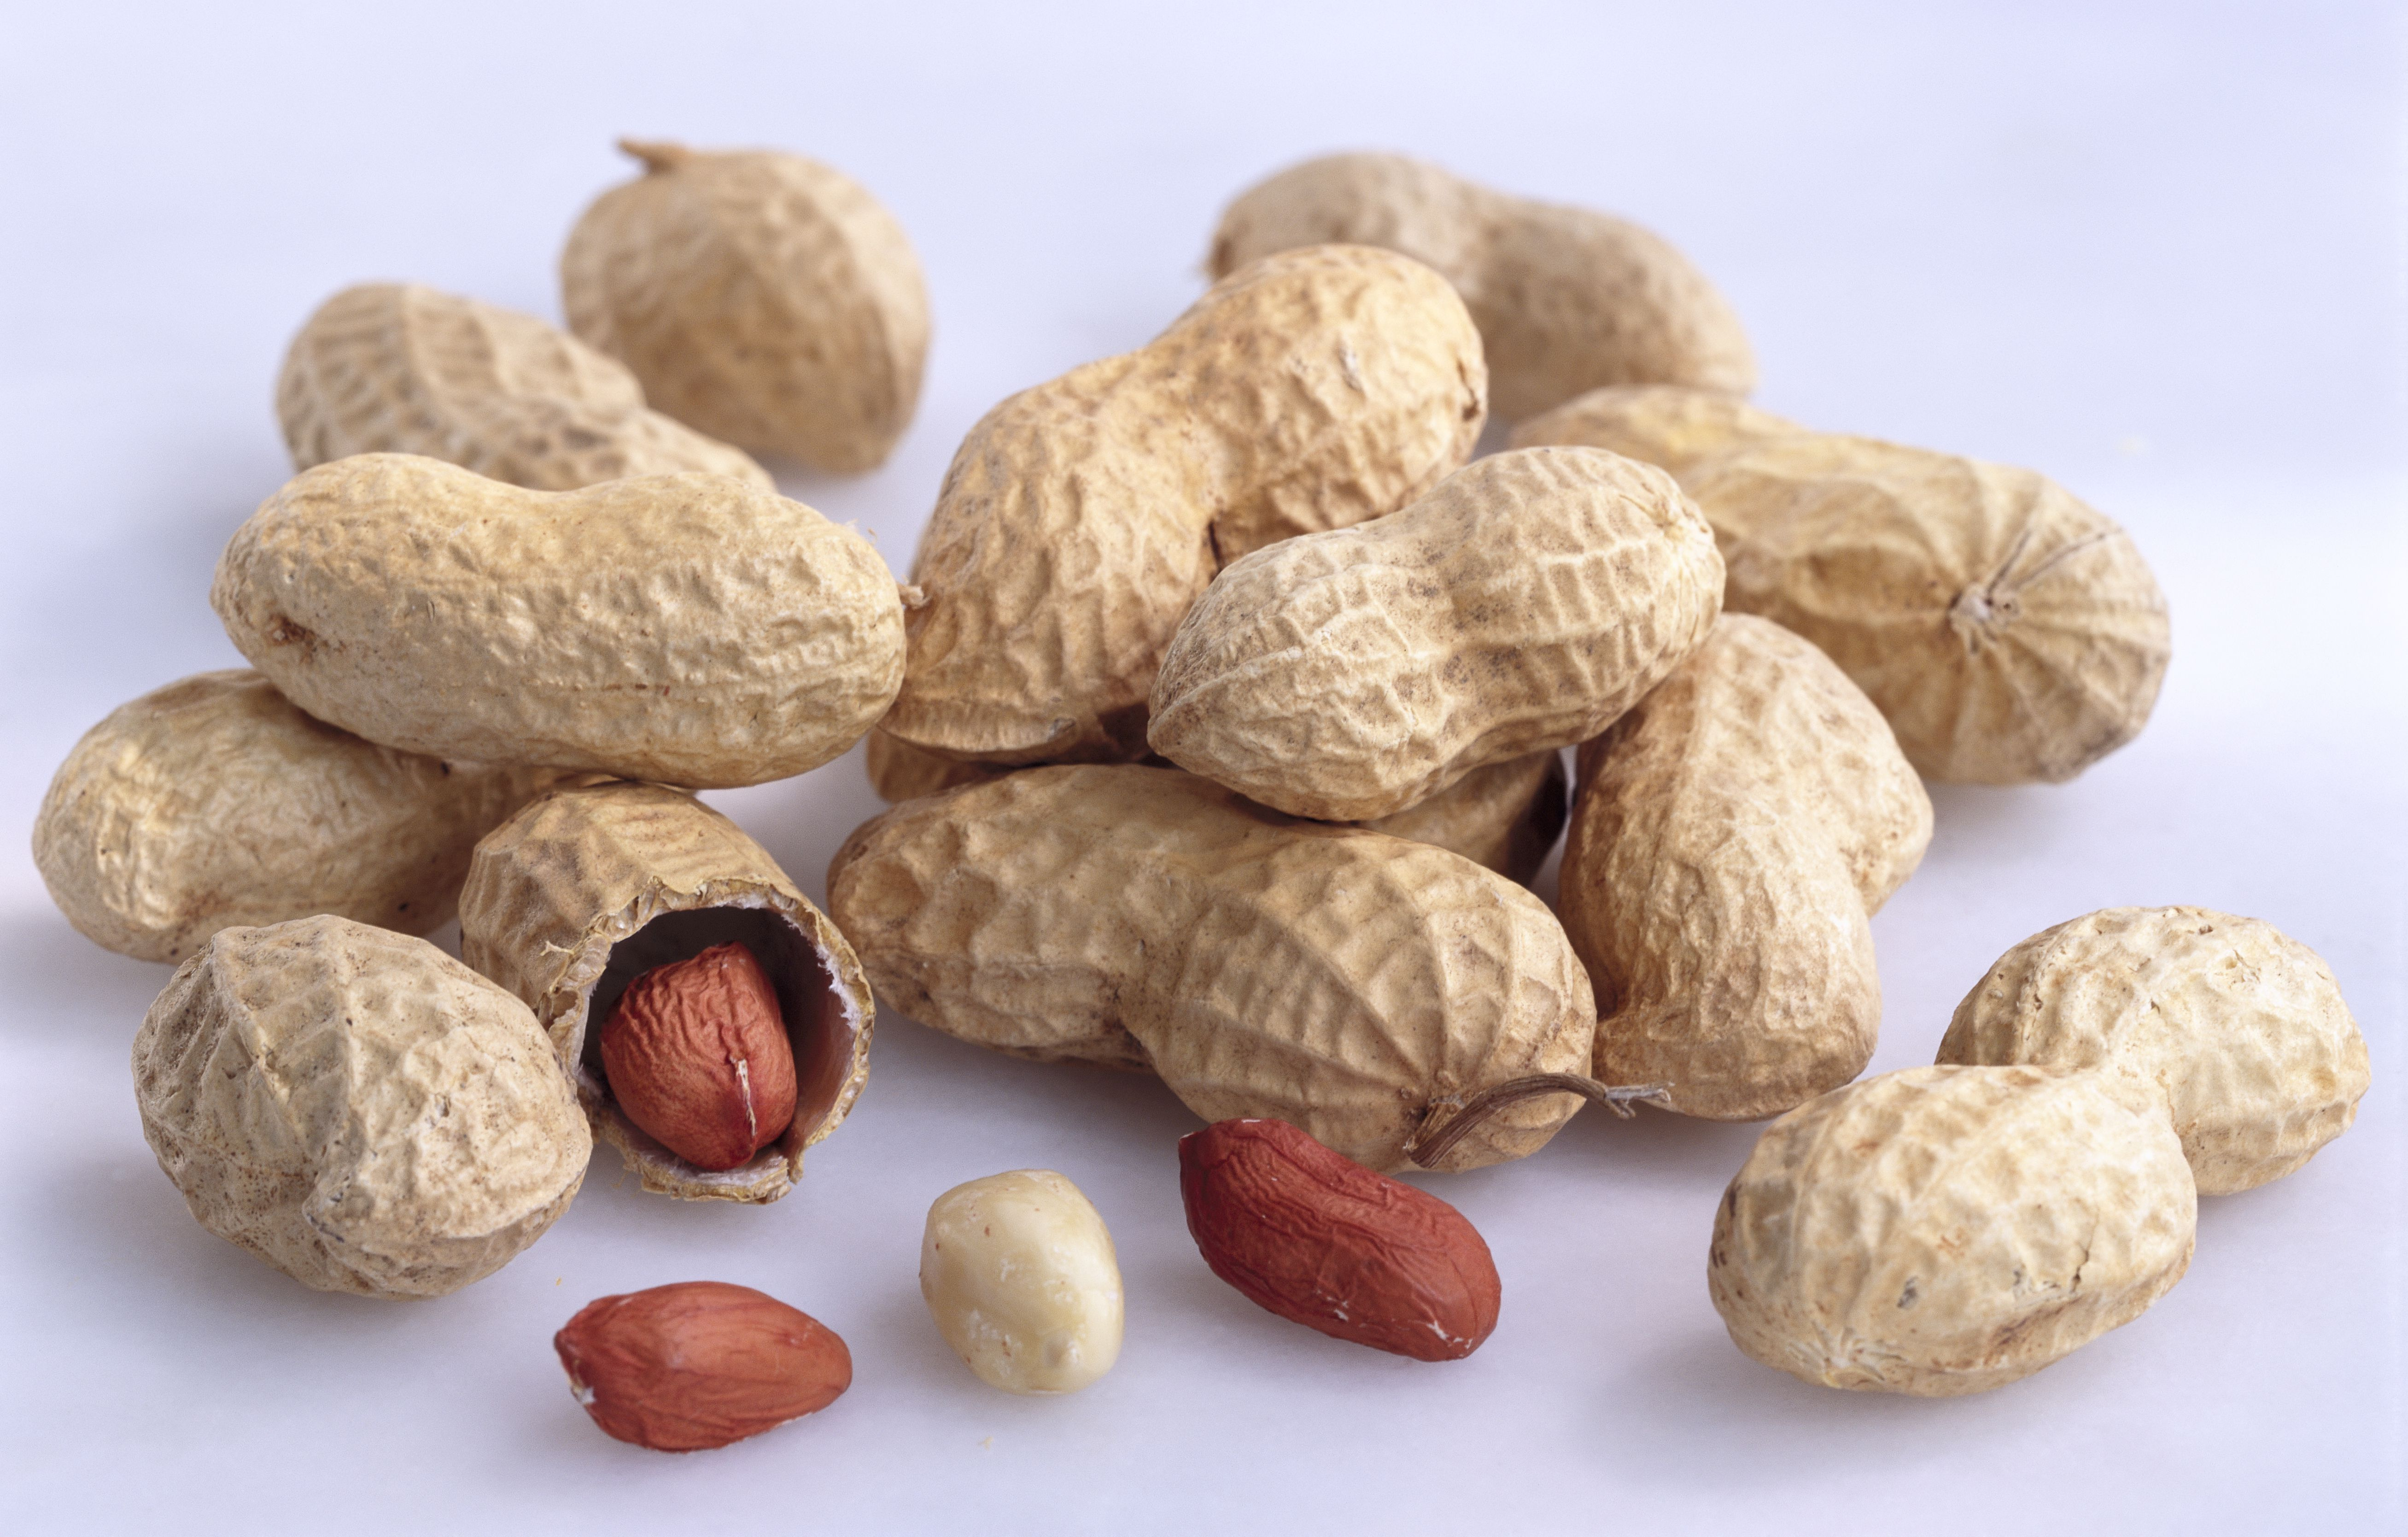 peanuts closeup